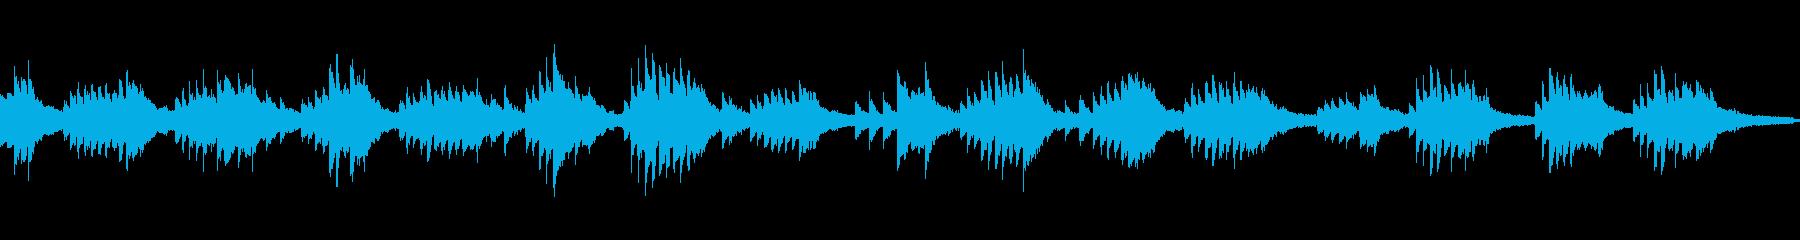 仄暗いミステリアスなピアノソロ:ループ可の再生済みの波形